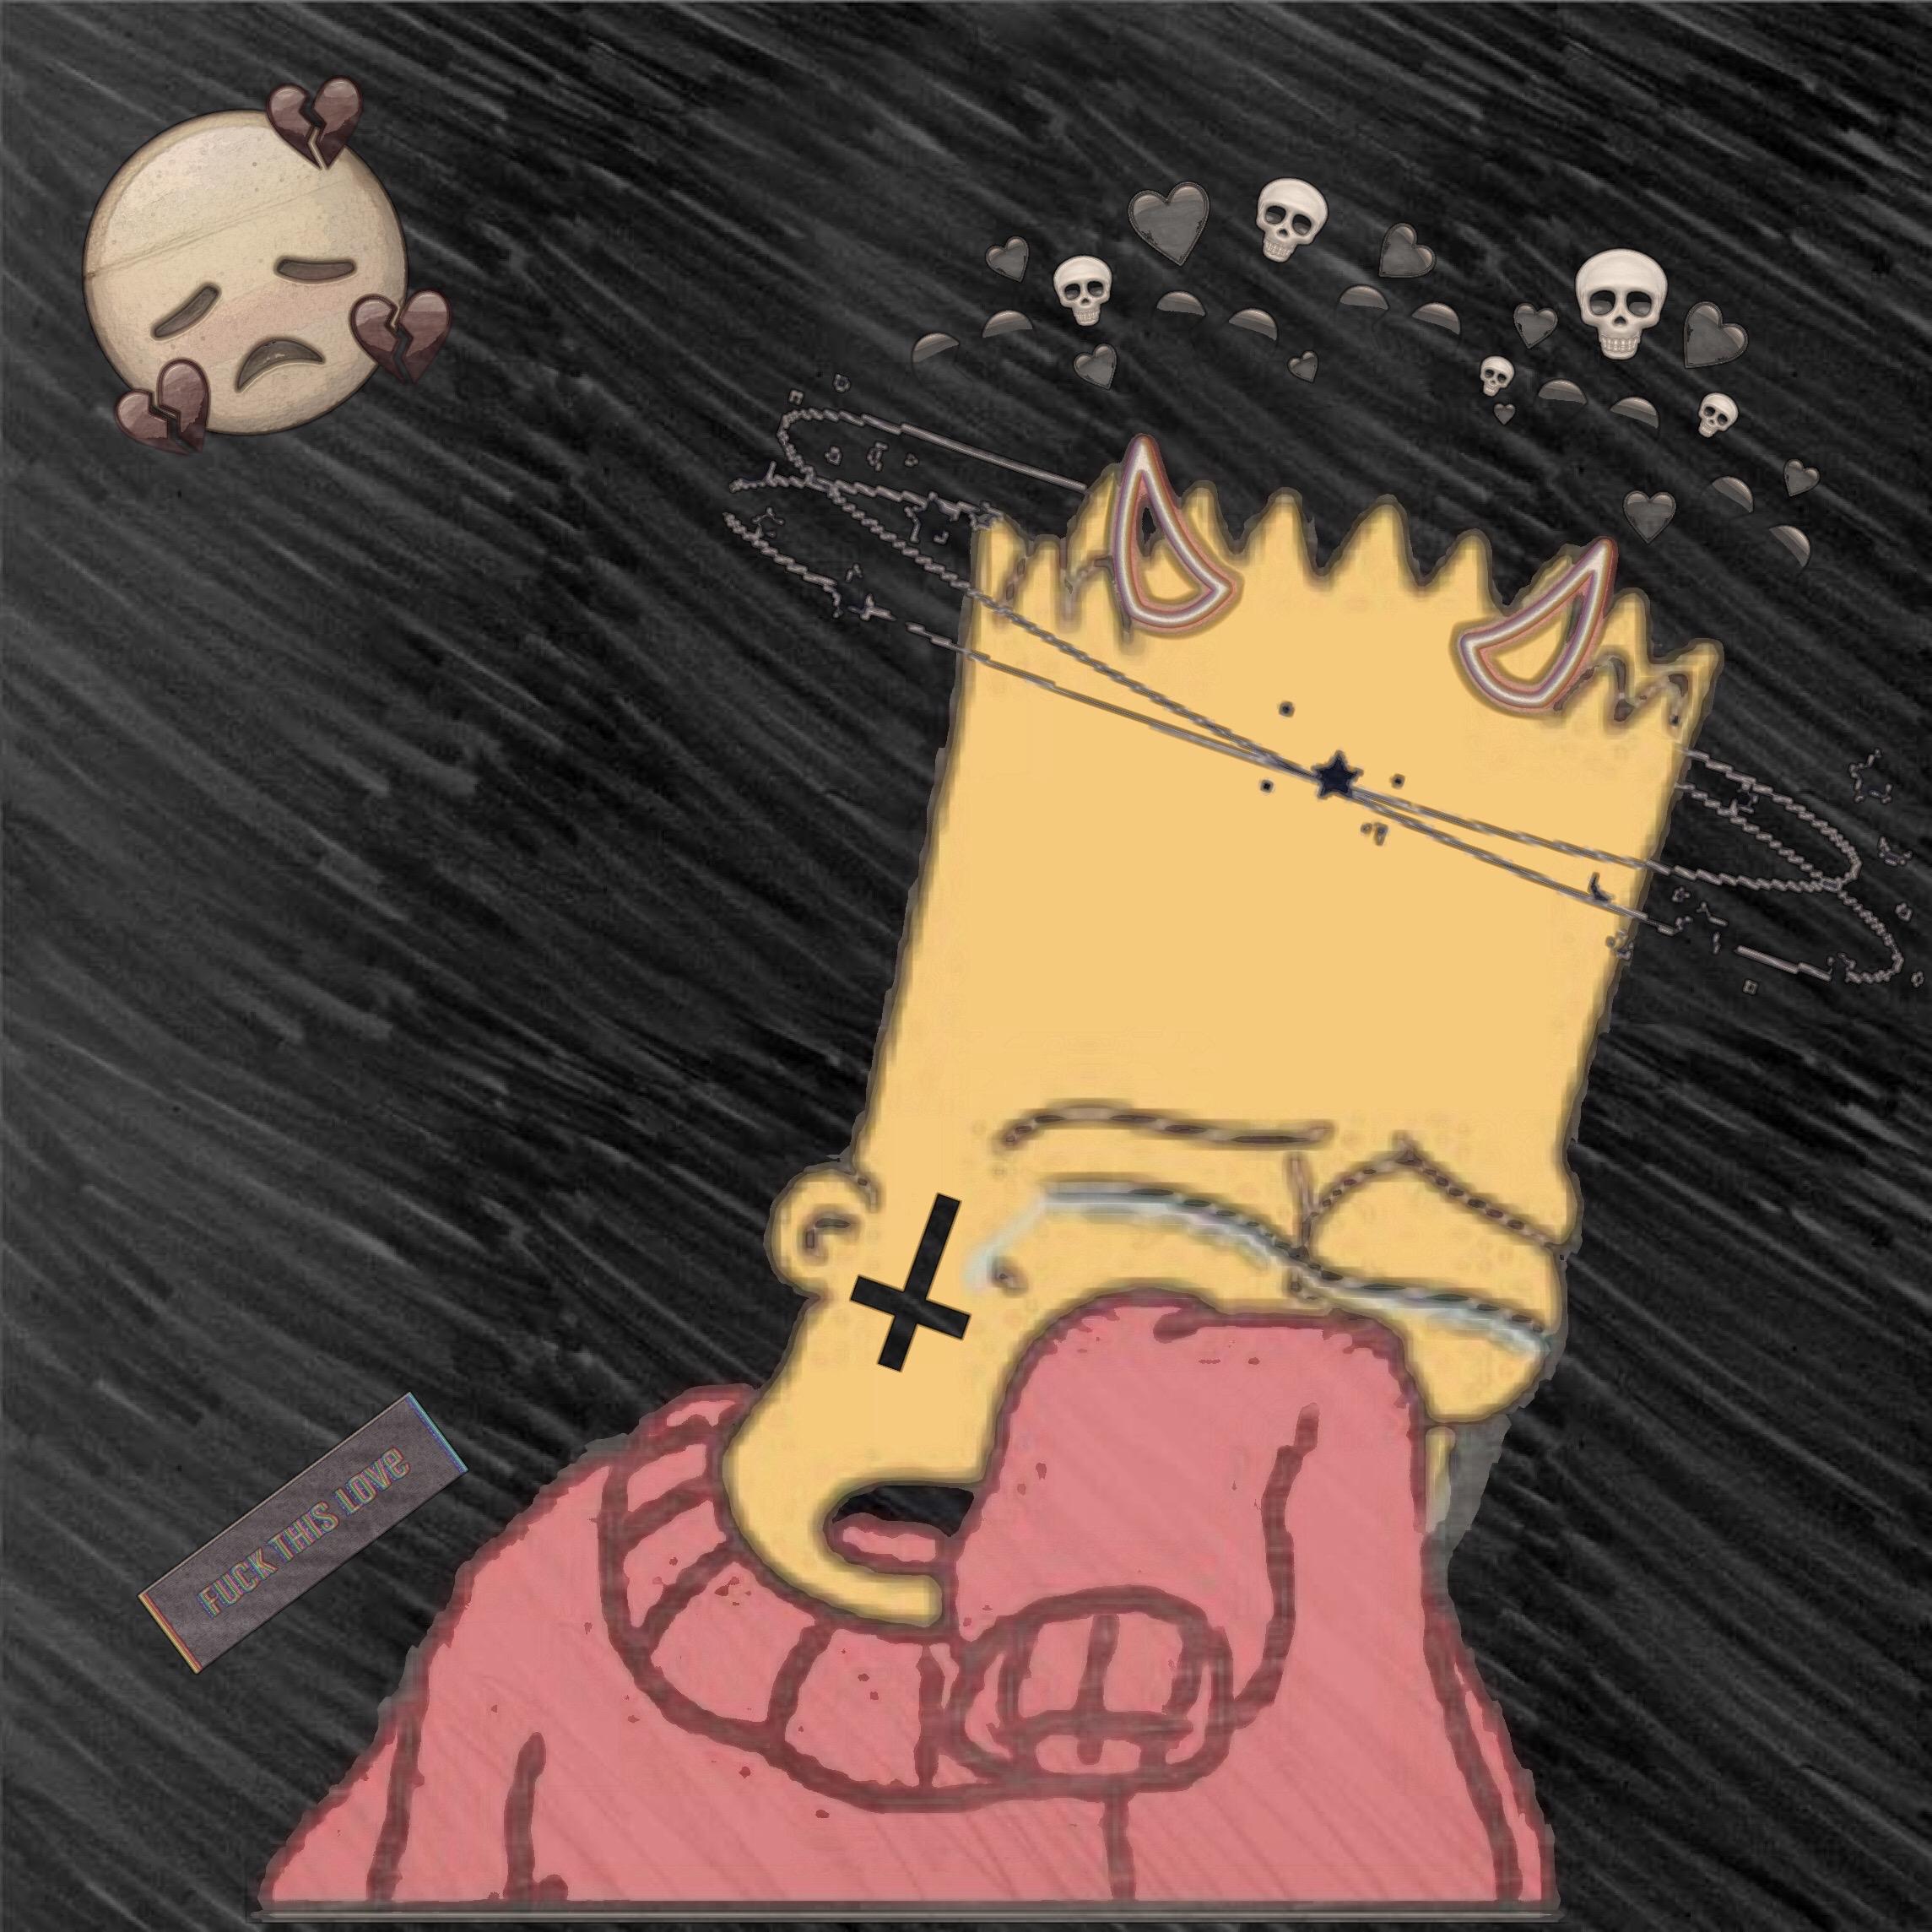 симпатичные картинки симпсоны на аву грустные с черными сердечками вакансии модель для